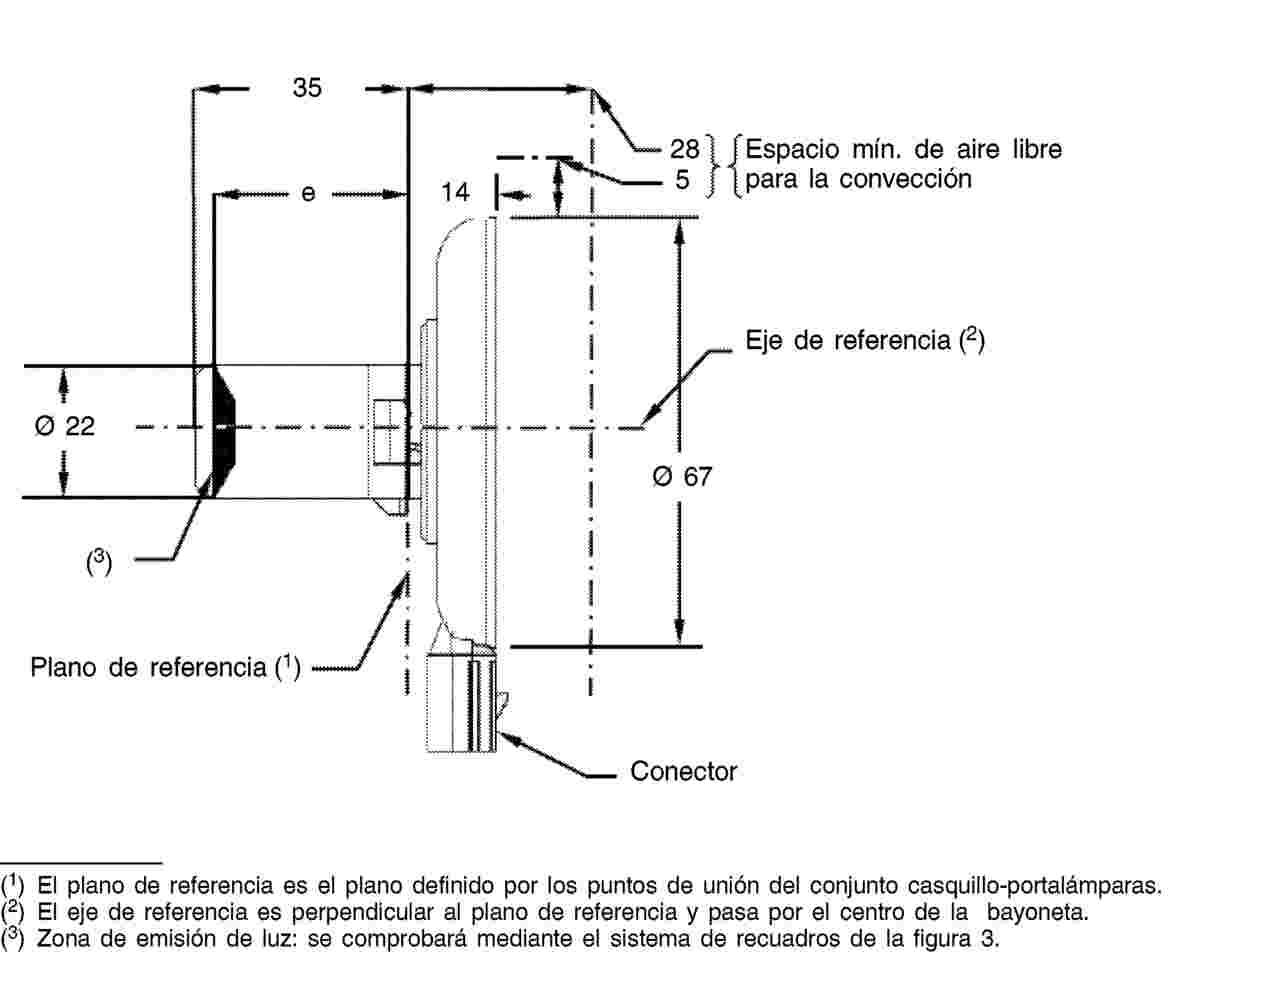 EUR-Lex - L:2014:162:FULL - EN - EUR-Lex